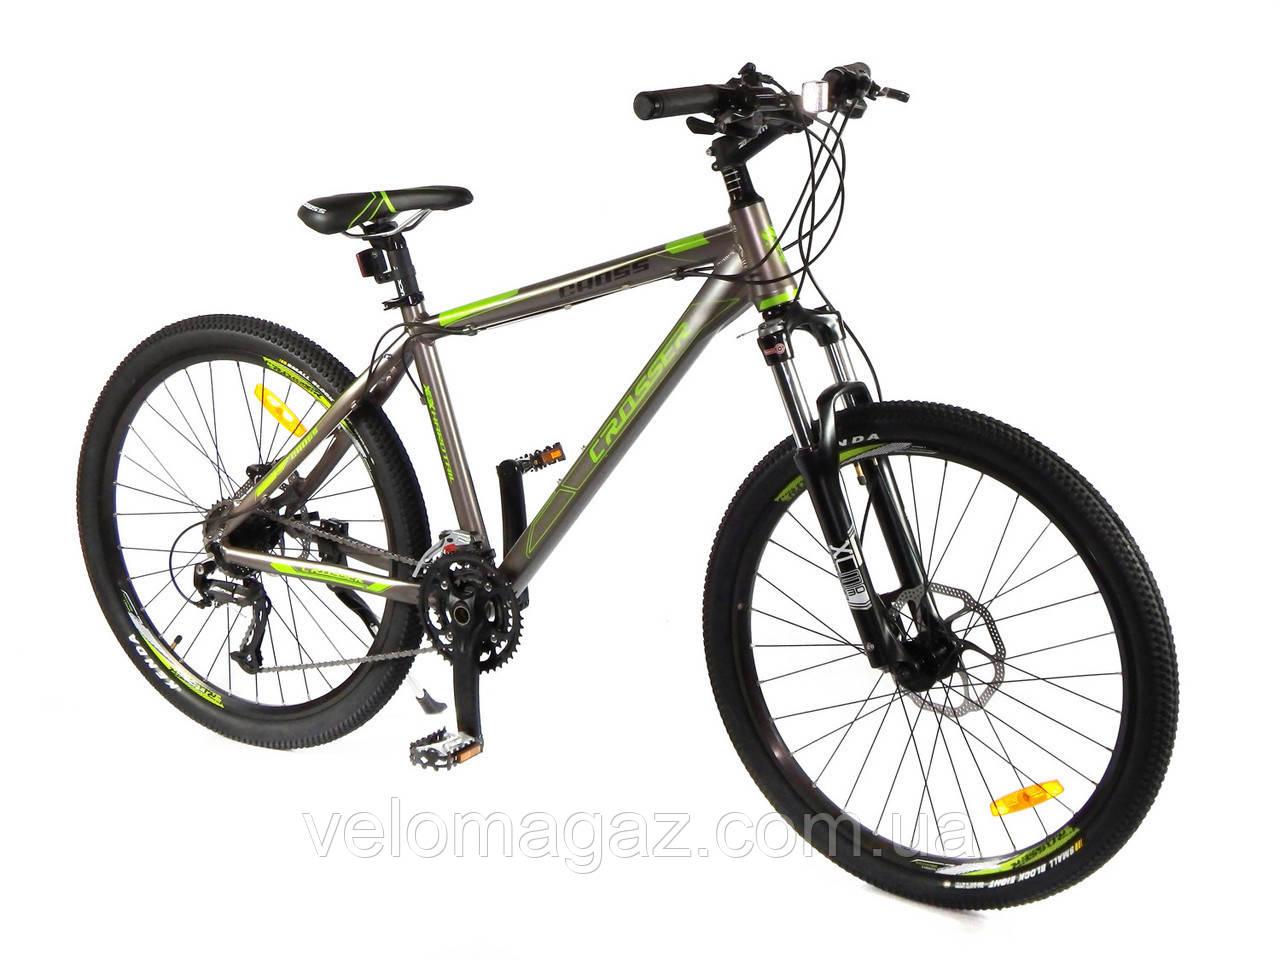 """Велосипед Crosser Cross-1 *17.5 26"""" черный горный алюминиевый"""